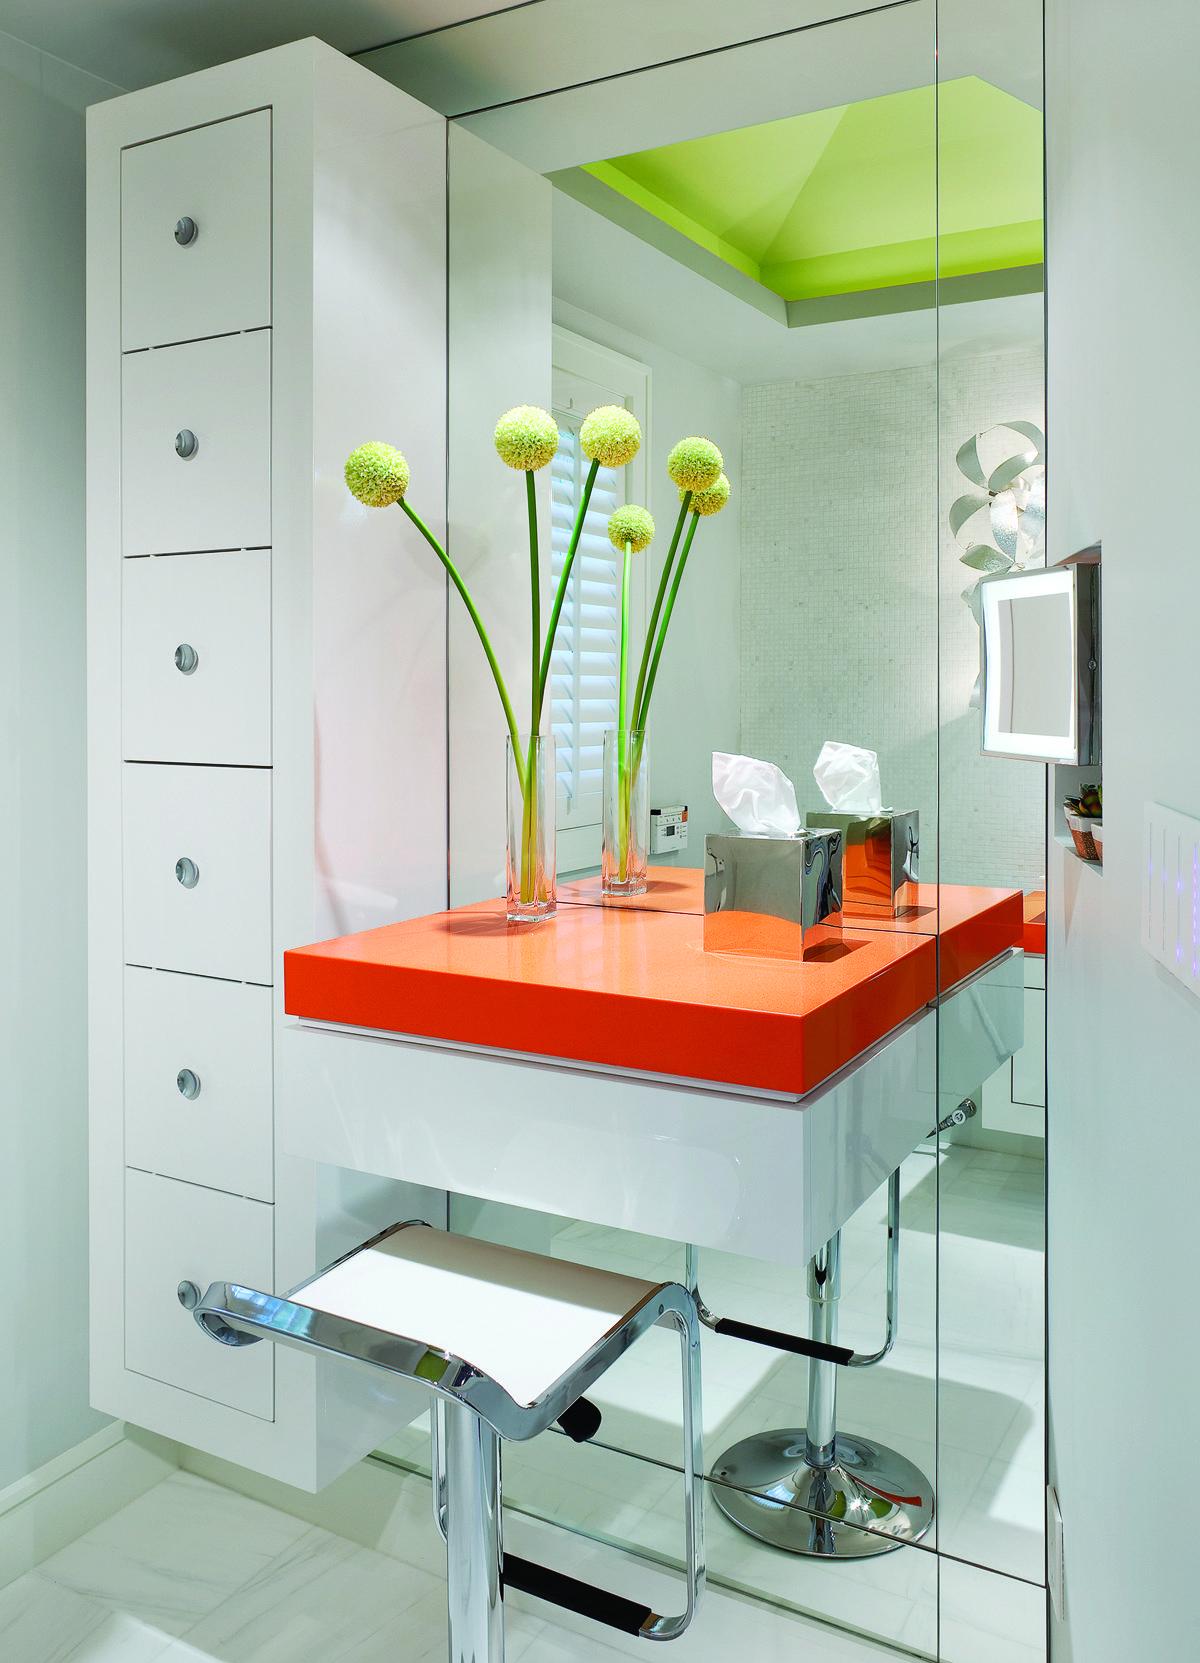 Kitchen Counter Decor Modern Interior Design